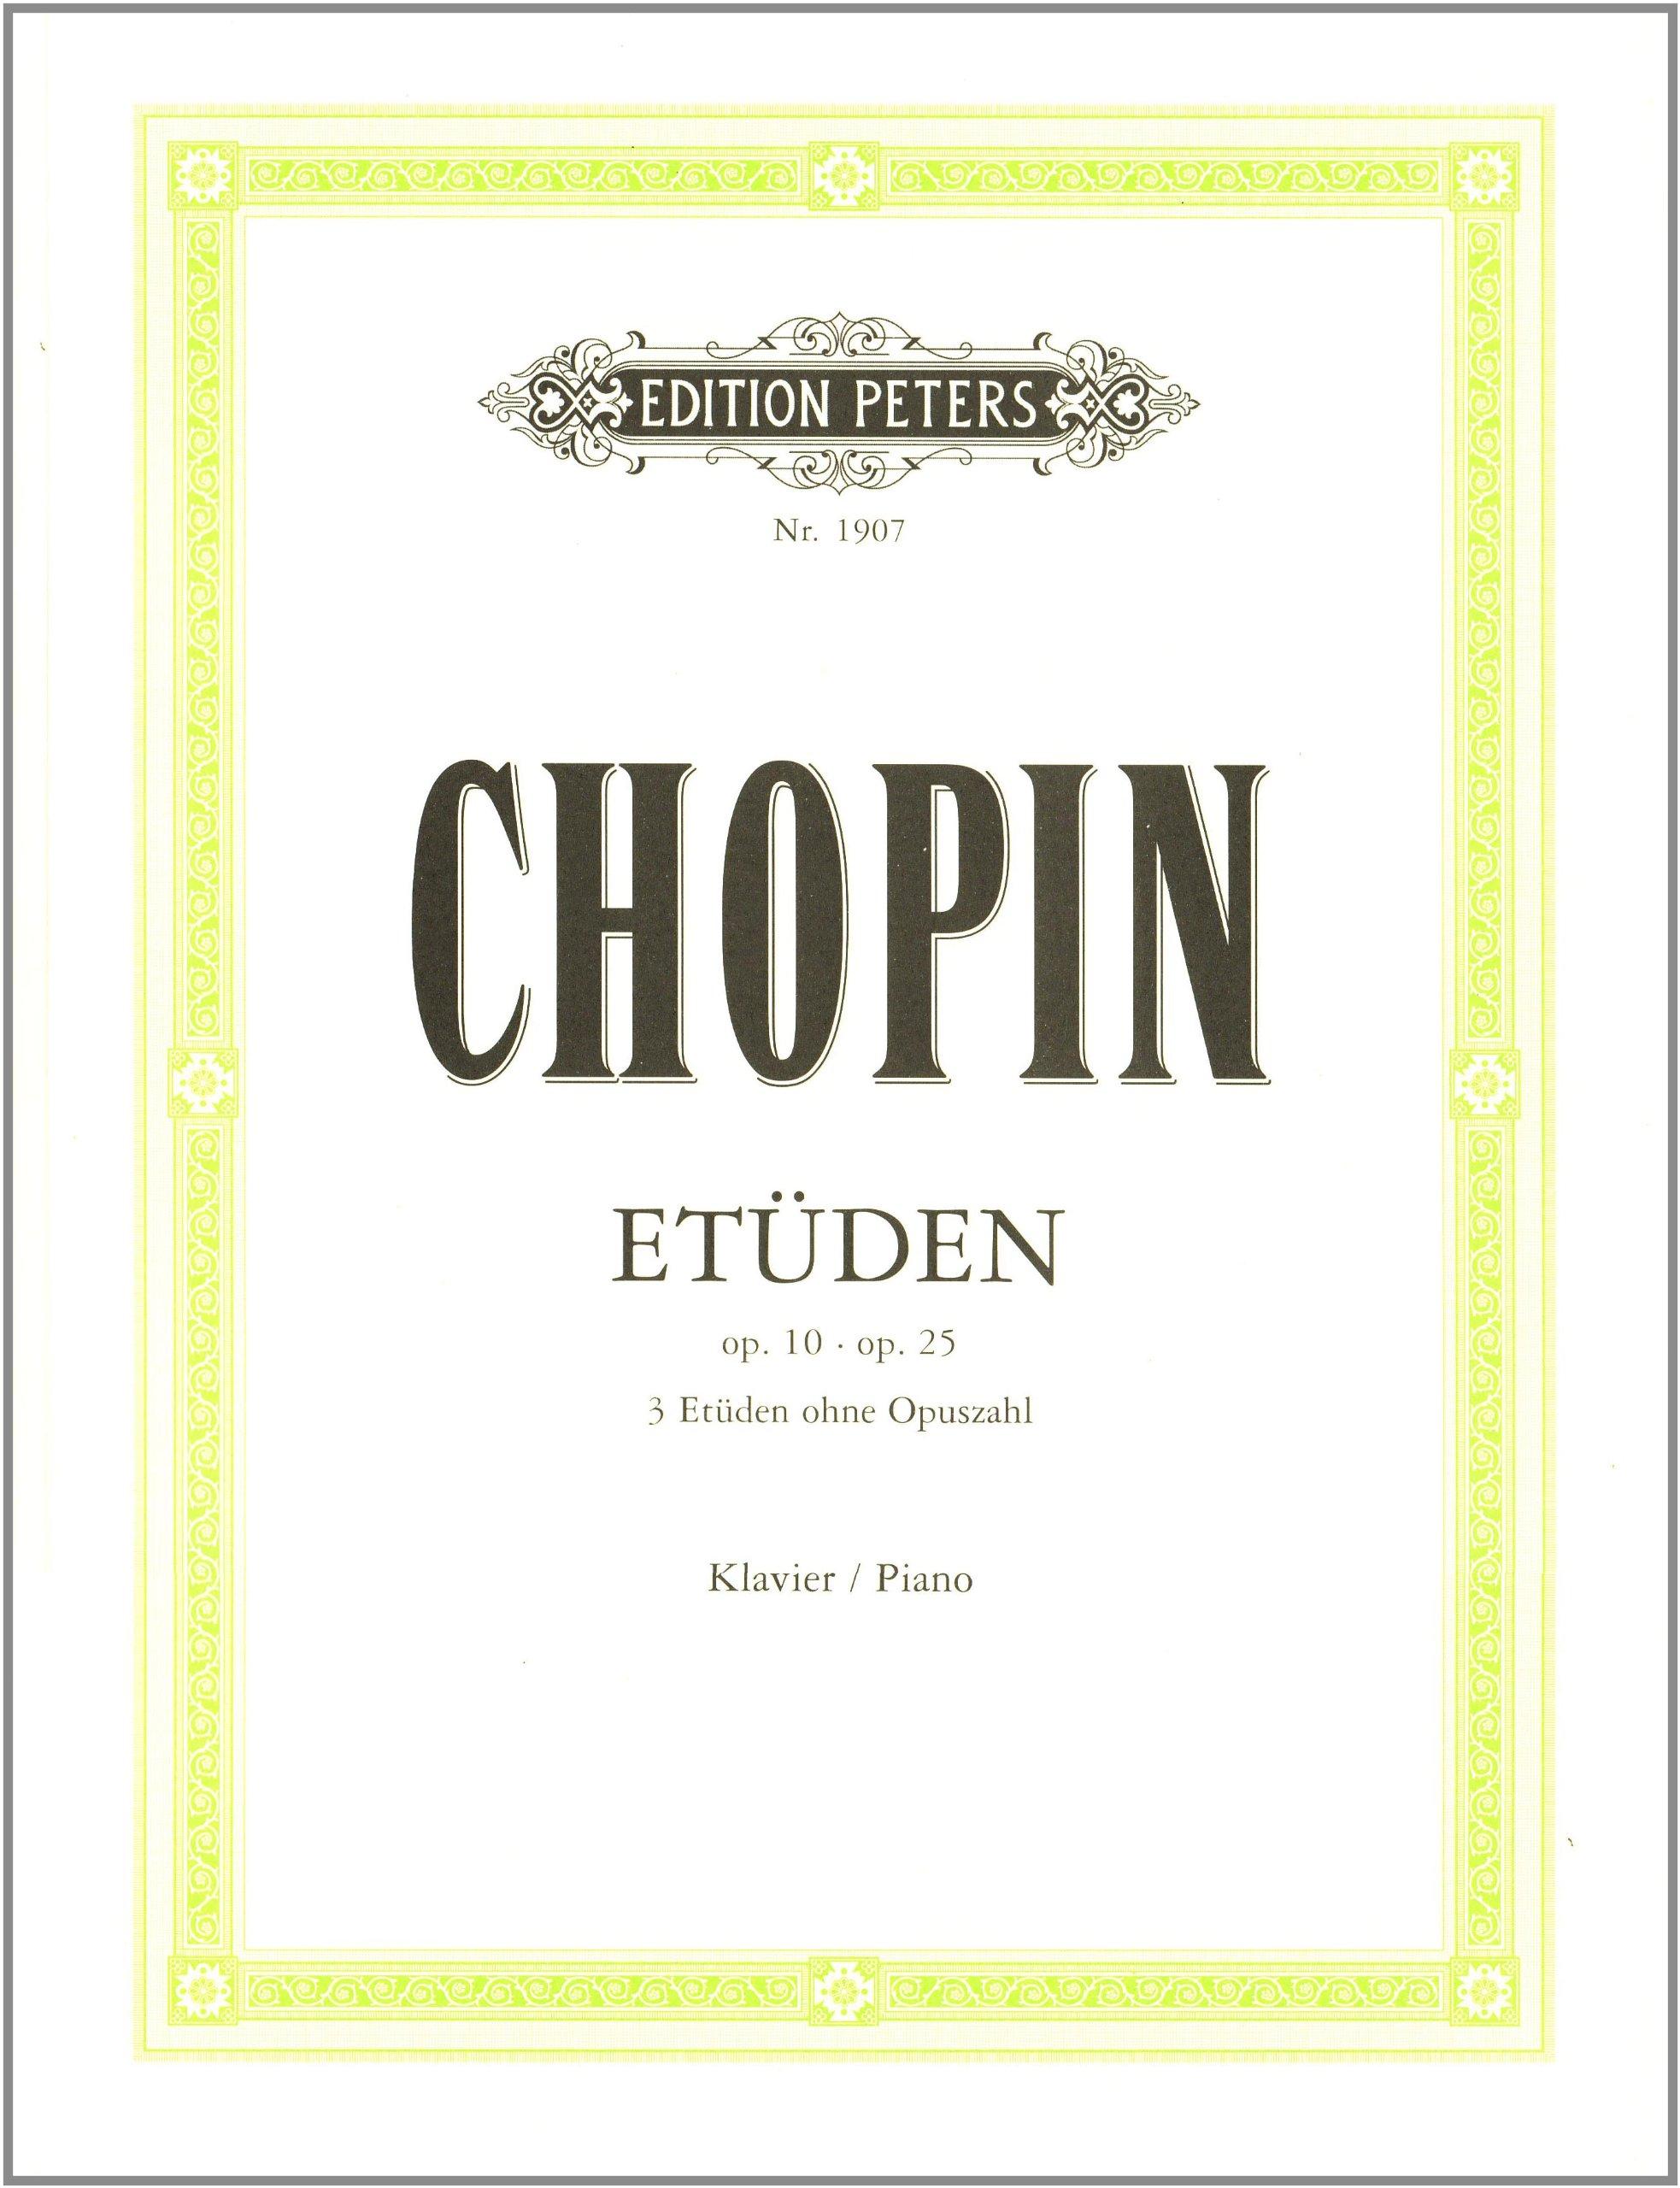 Chopin: Etüden Op. 10 & 25. Klavier